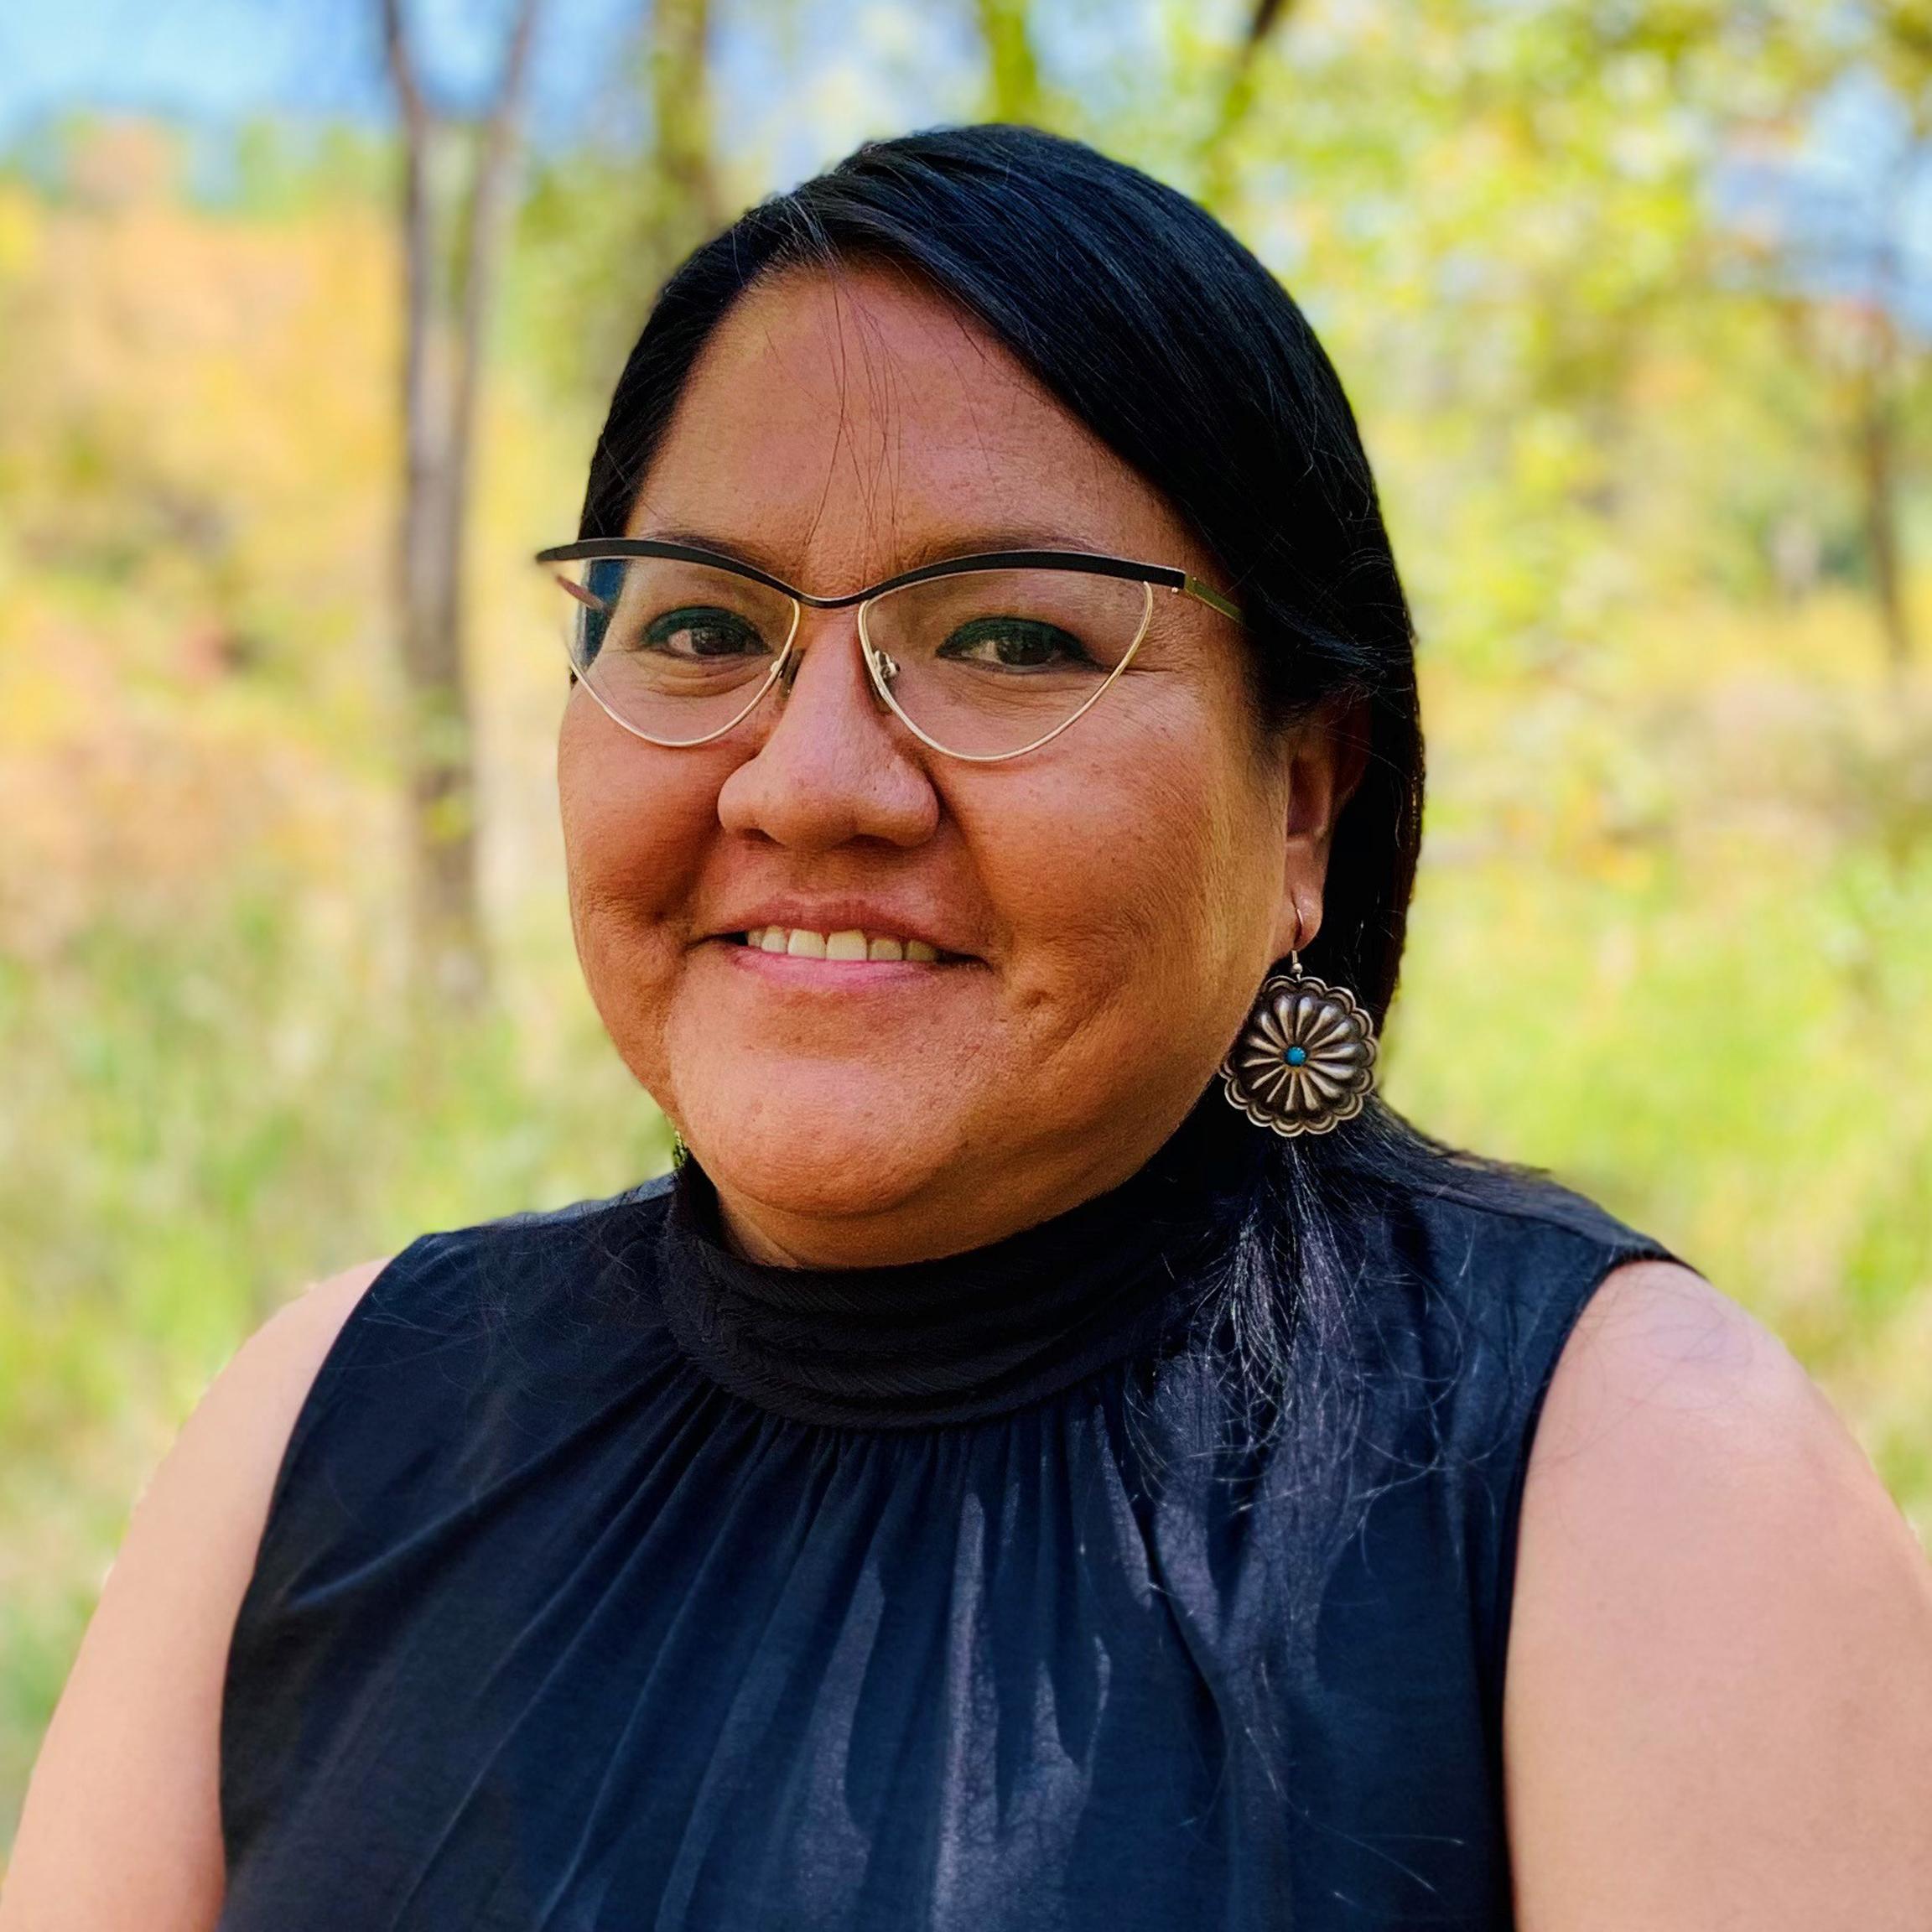 LuRhea Ramone, Community Counseling Program